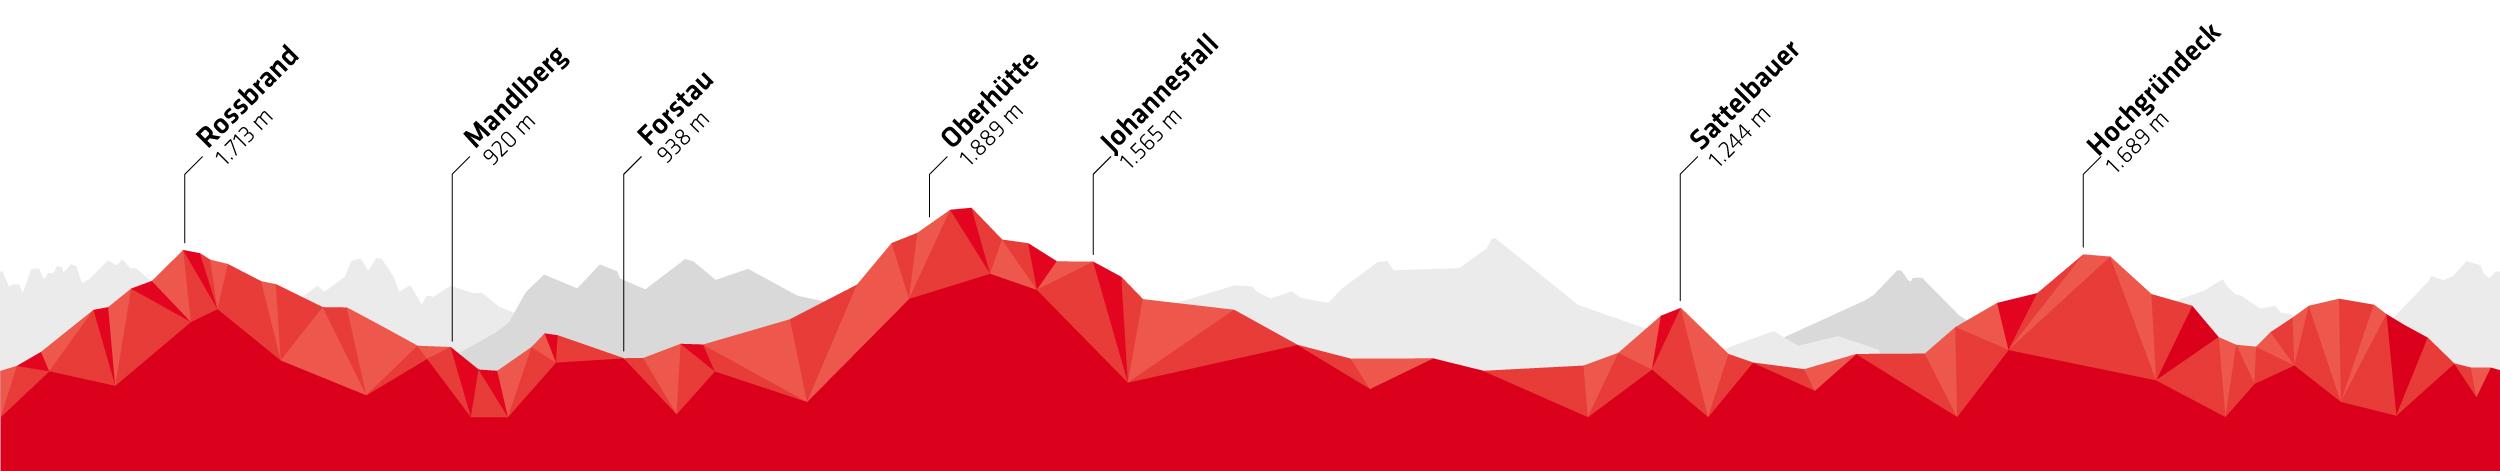 SMT-Mountainscape-2020-Größer